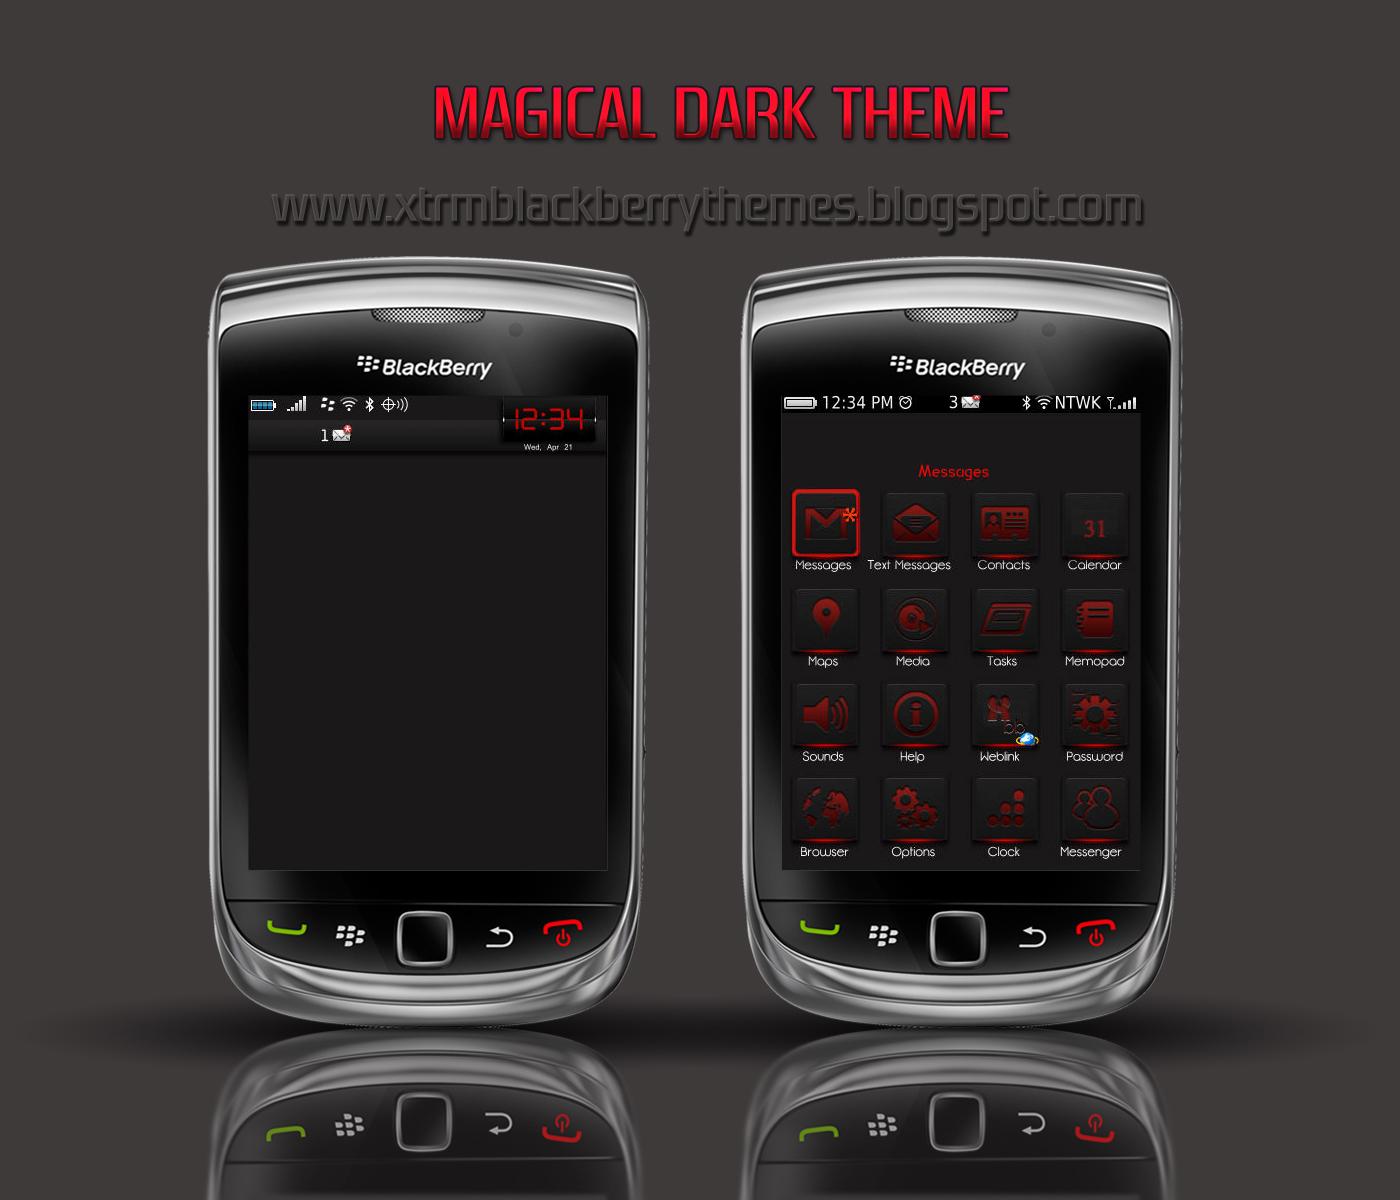 http://3.bp.blogspot.com/-QyAPtrD6HGY/Tpgthts75WI/AAAAAAAAAUU/mM9FyTK57Sg/s1600/Magical+Dark+wallpaper.jpg